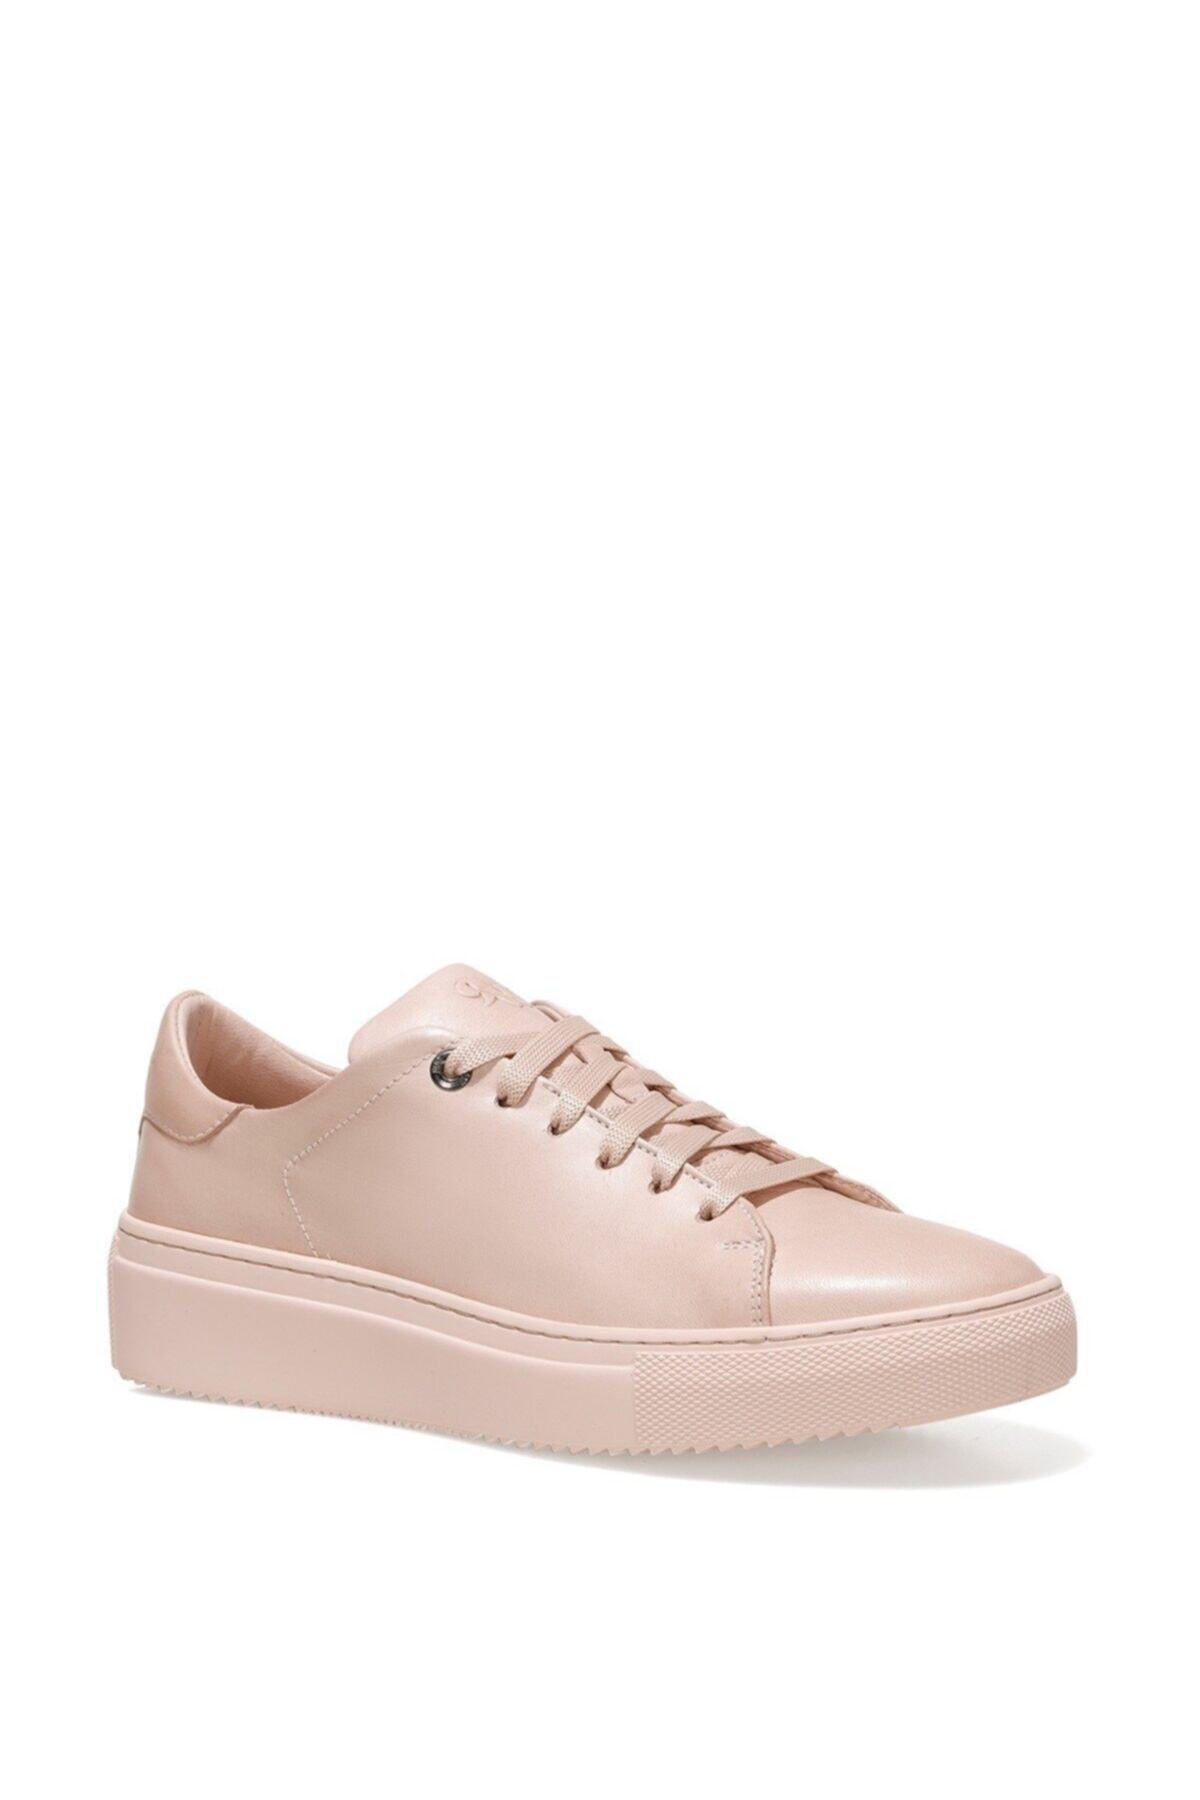 Nine West POFEDA 1FX Somon Kadın Havuz Taban Sneaker 101031048 2